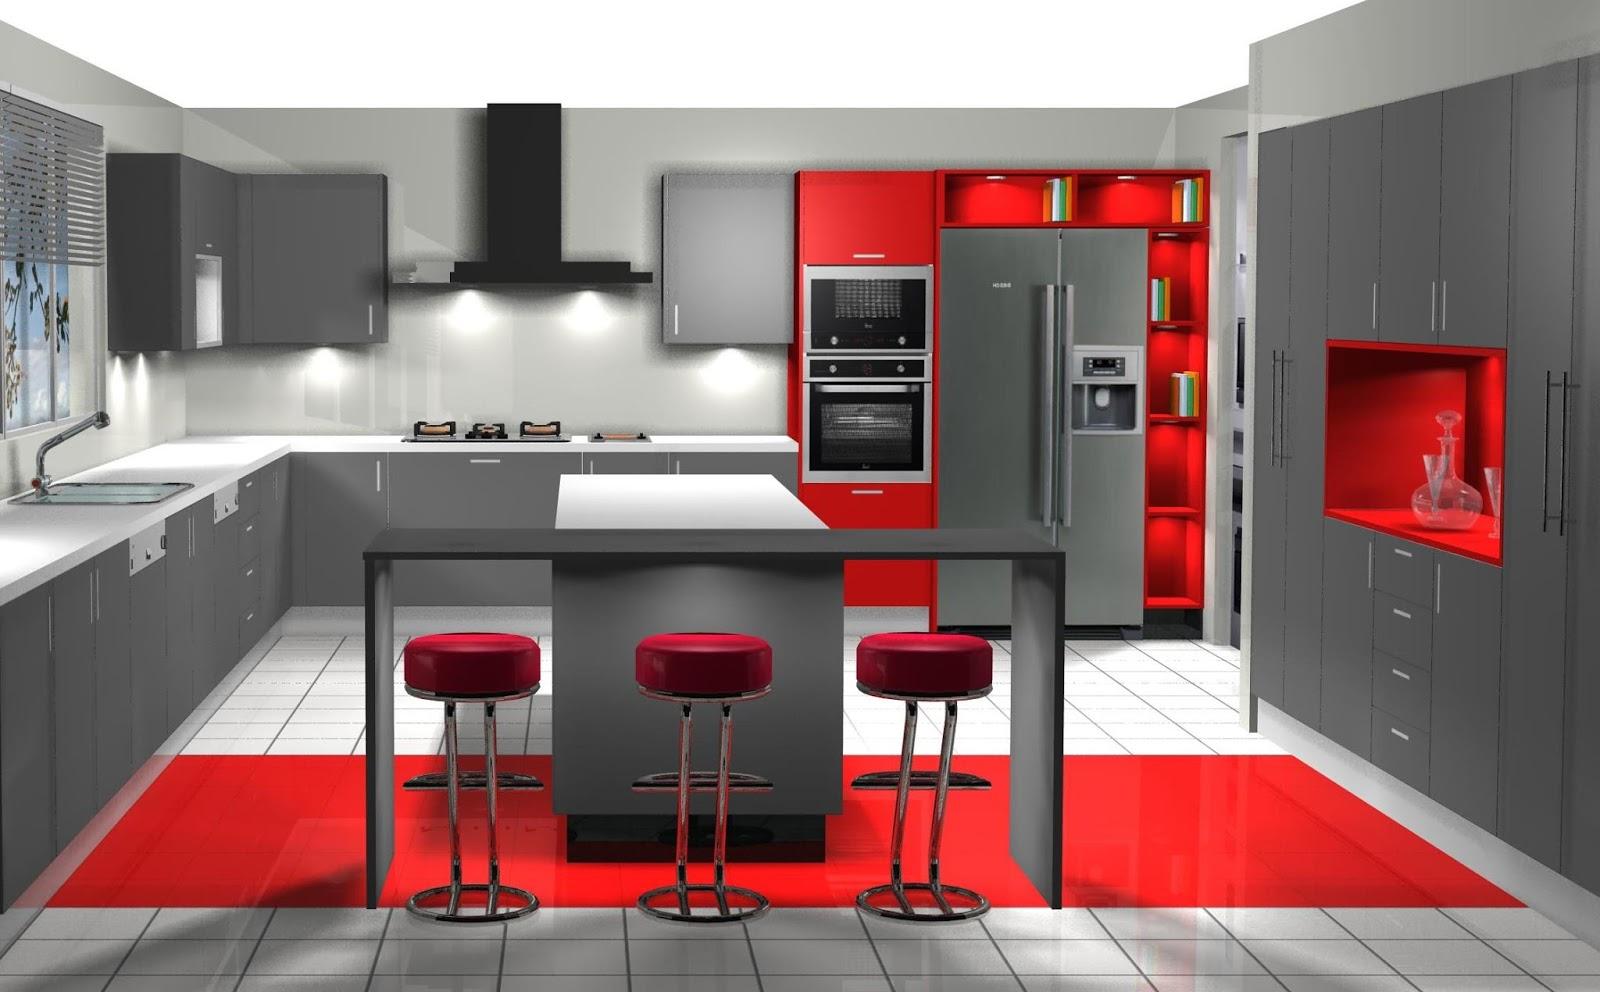 Dise o muebles de cocina dise o de cocina laminado en grafito for Disenos de muebles de cocina colgantes